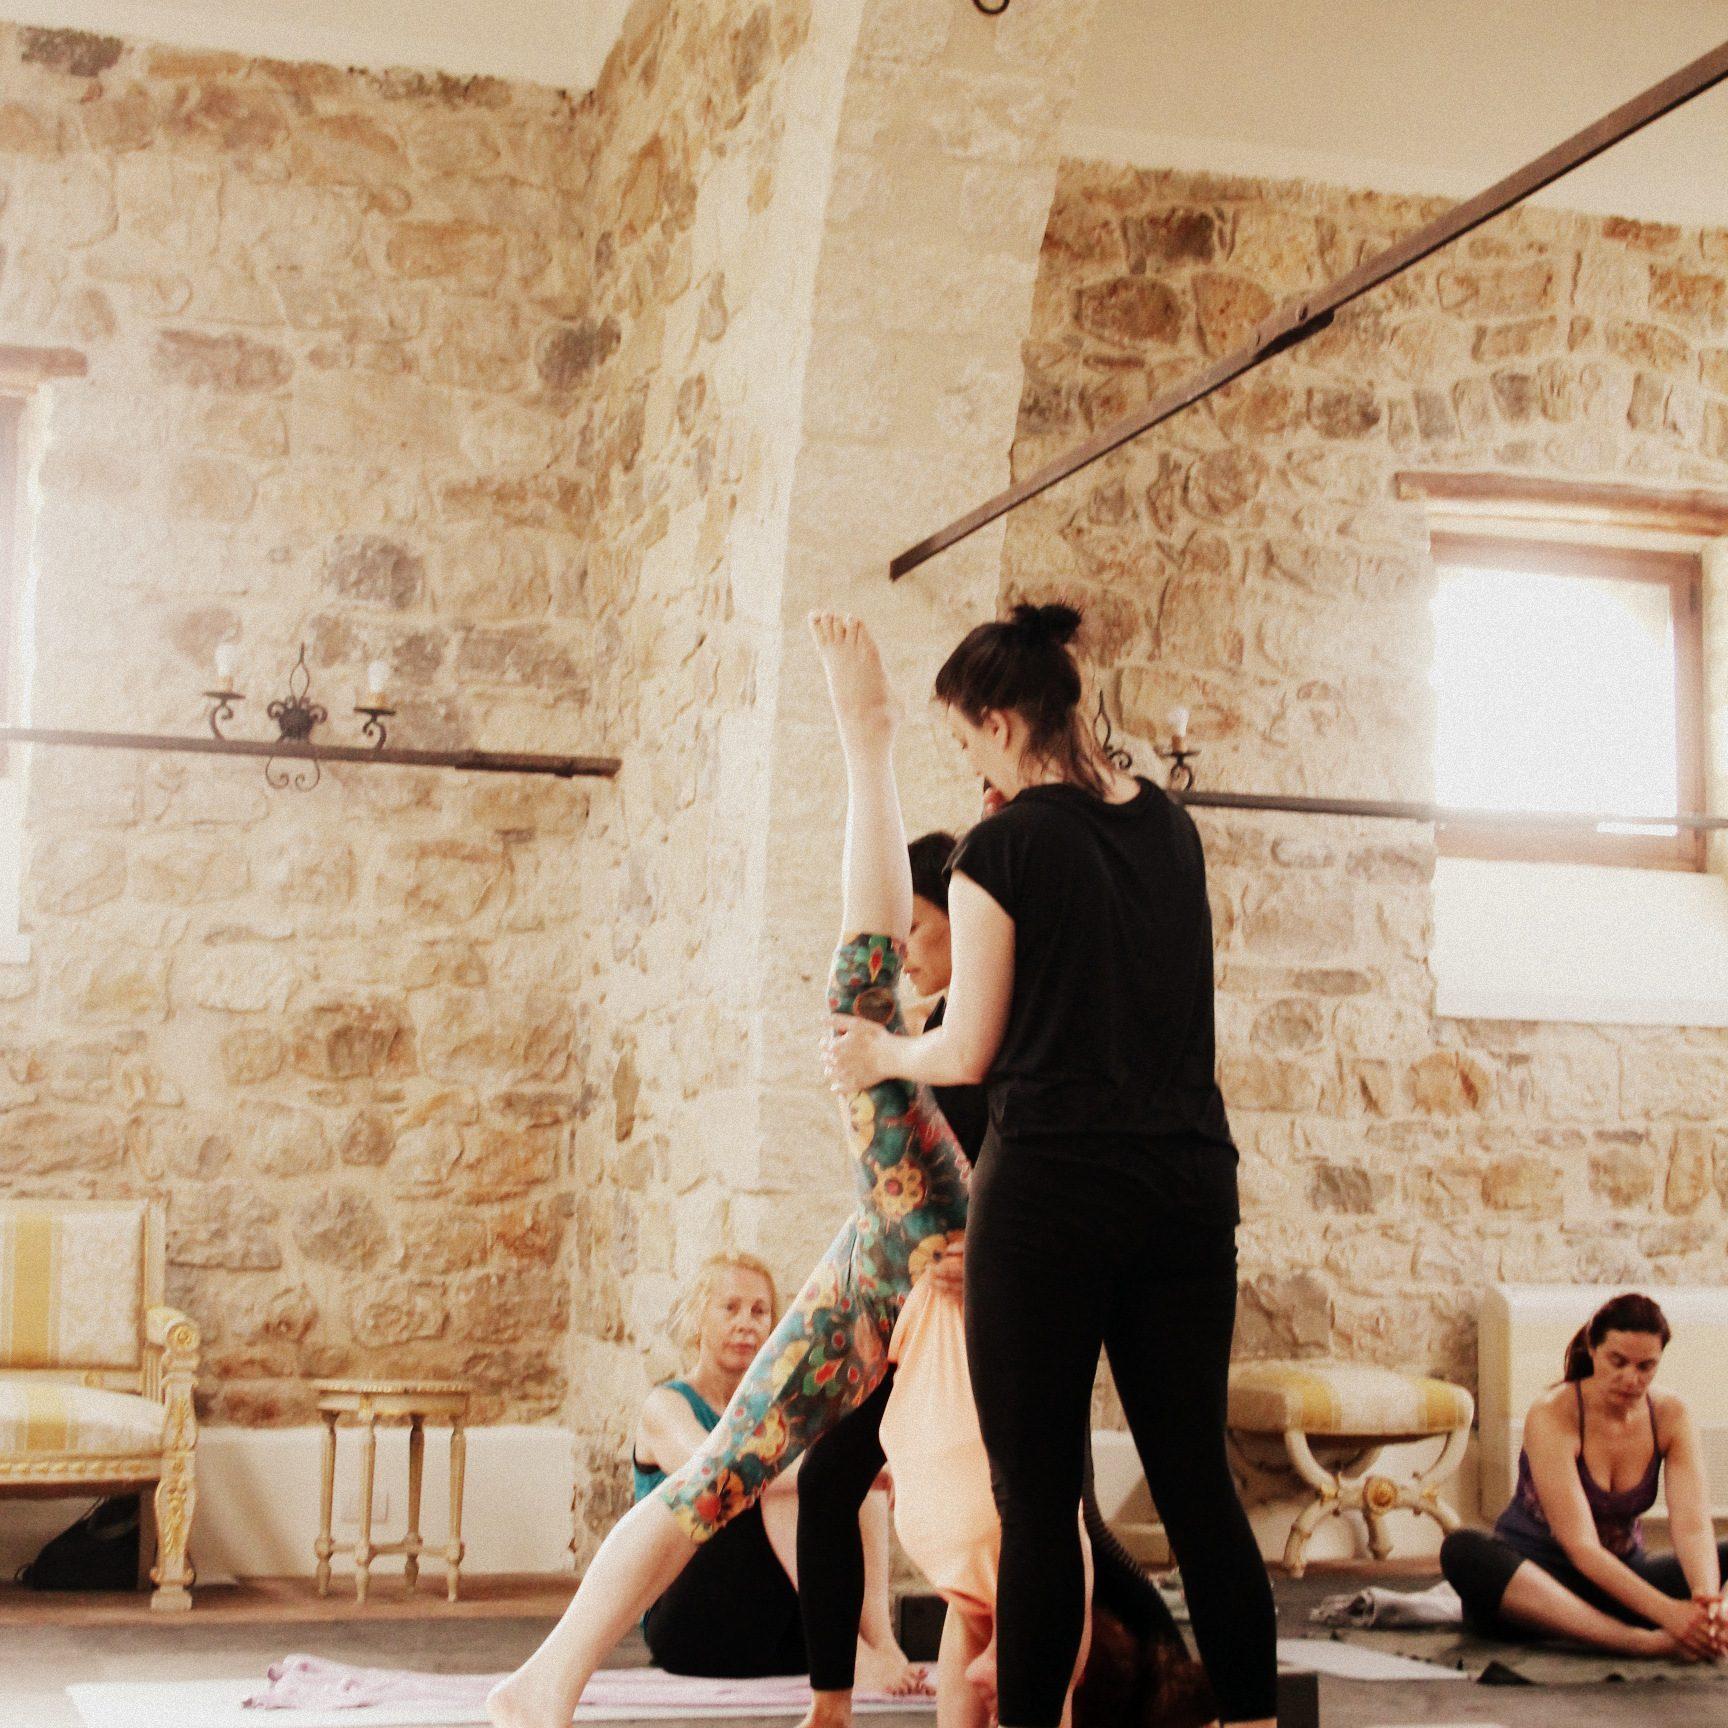 ANMELDUNG zu Yogakursen im Herbst, Sicilian Spirit, Hands On Assist Headstand, Yogaurlaub 2021